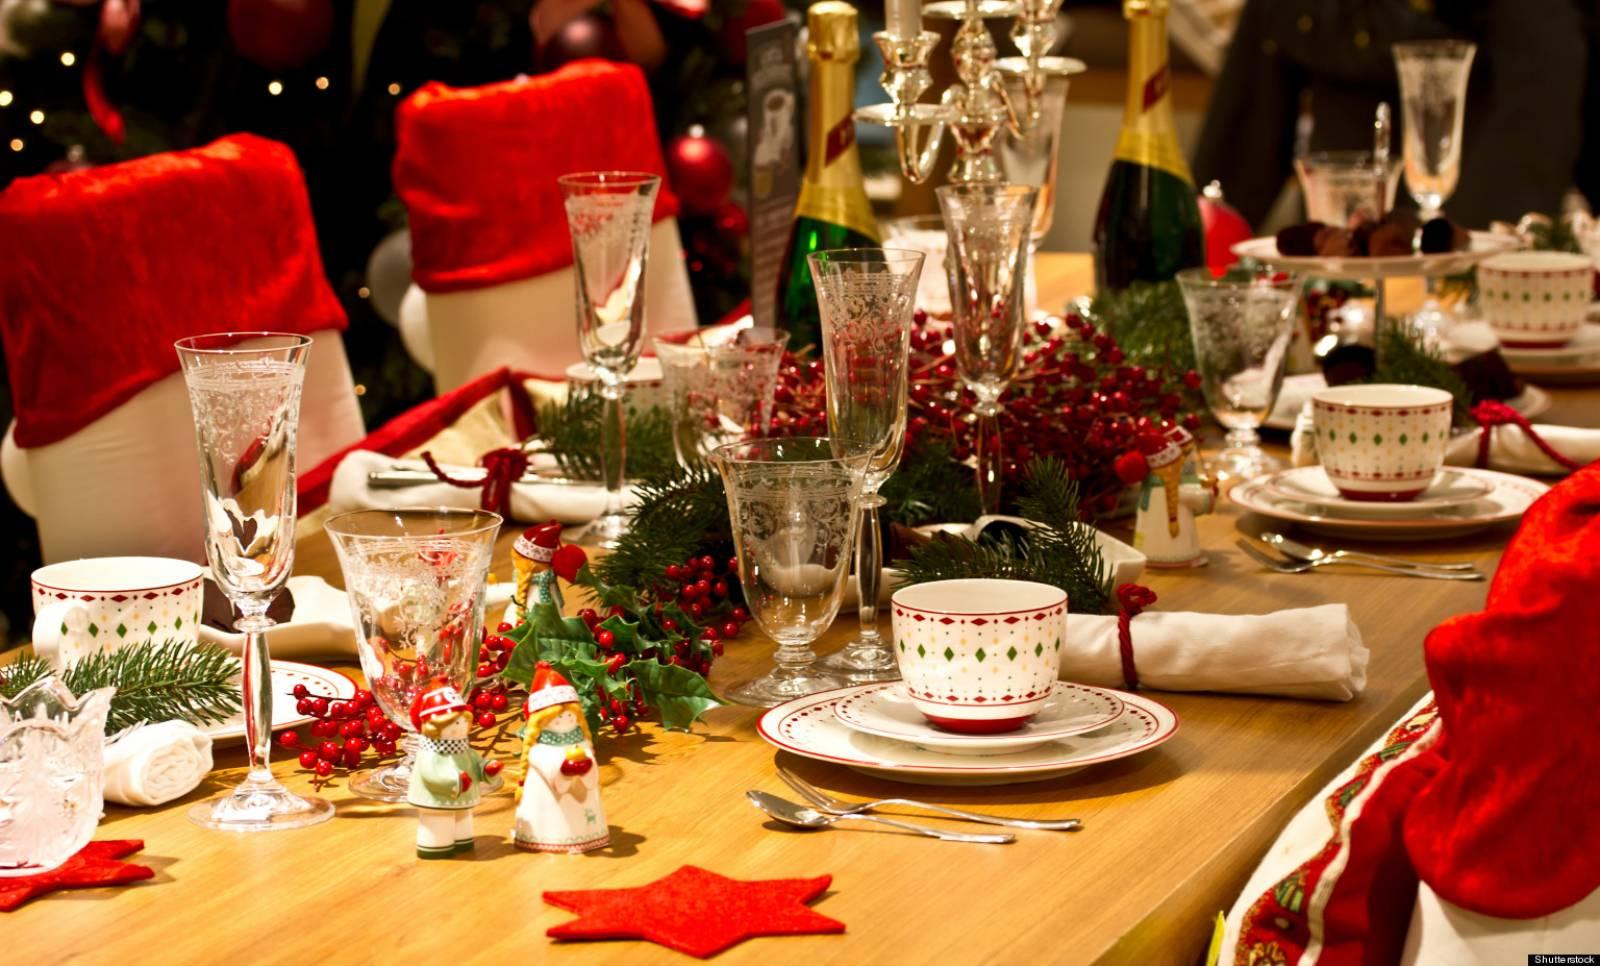 Repas de Noël : un moment agréable à passer en famille